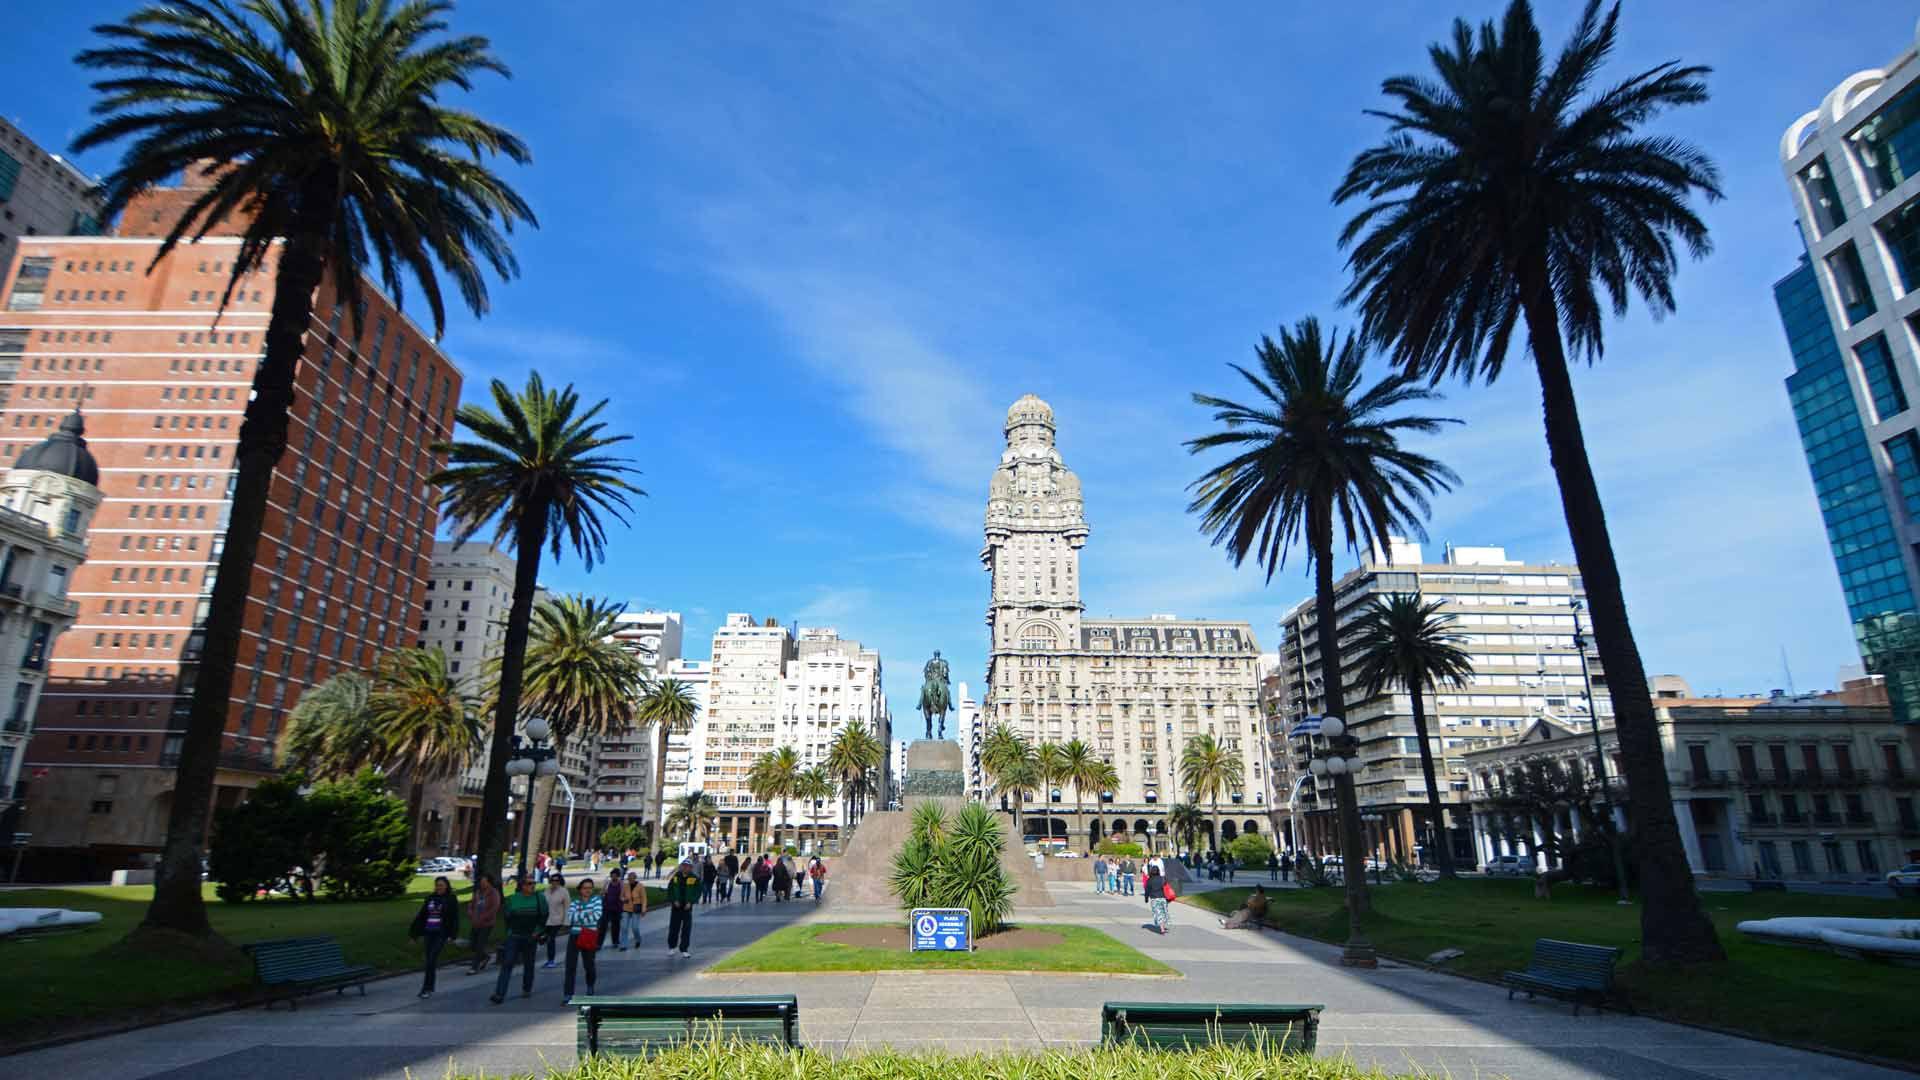 El programa otorga la posibilidad de acceder a fondos de USD 25.000 hasta USD 400.000 a emprendimientos que se instalen en Uruguay